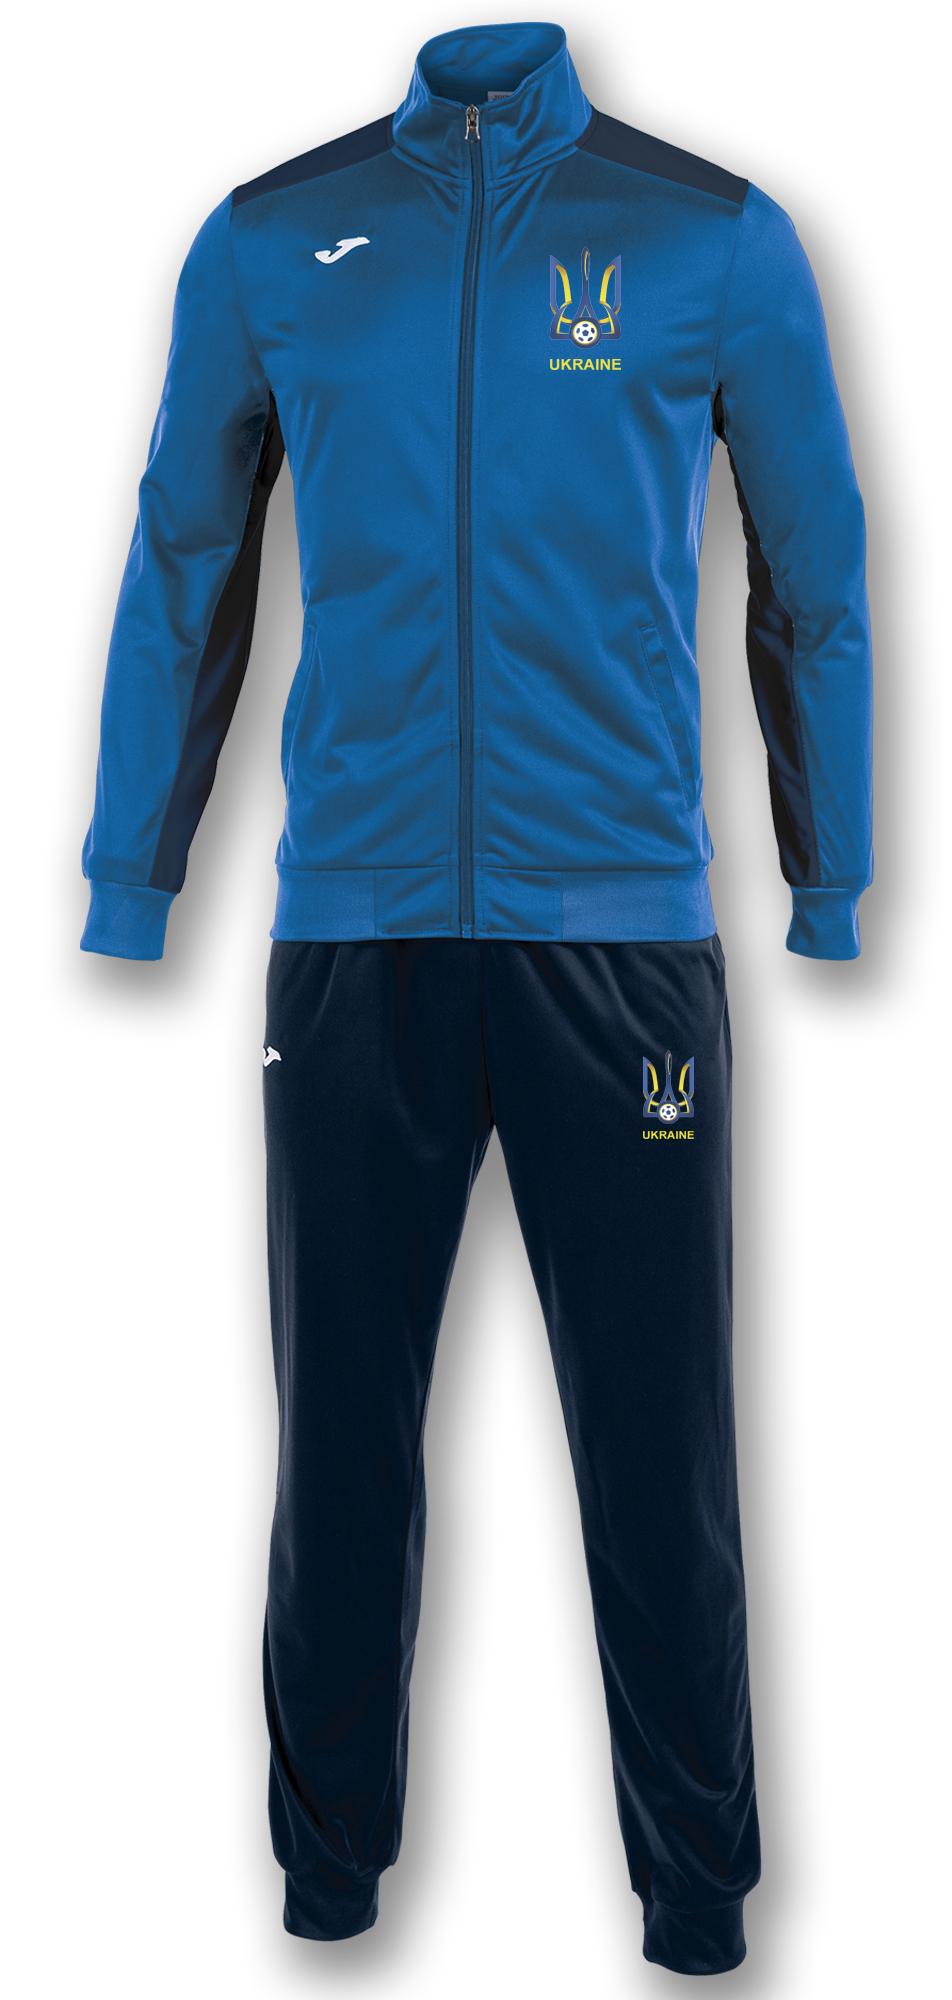 a0823d57af3811 Футбольная форма Joma сборной Украины : Акция! Спортивный костюм ...